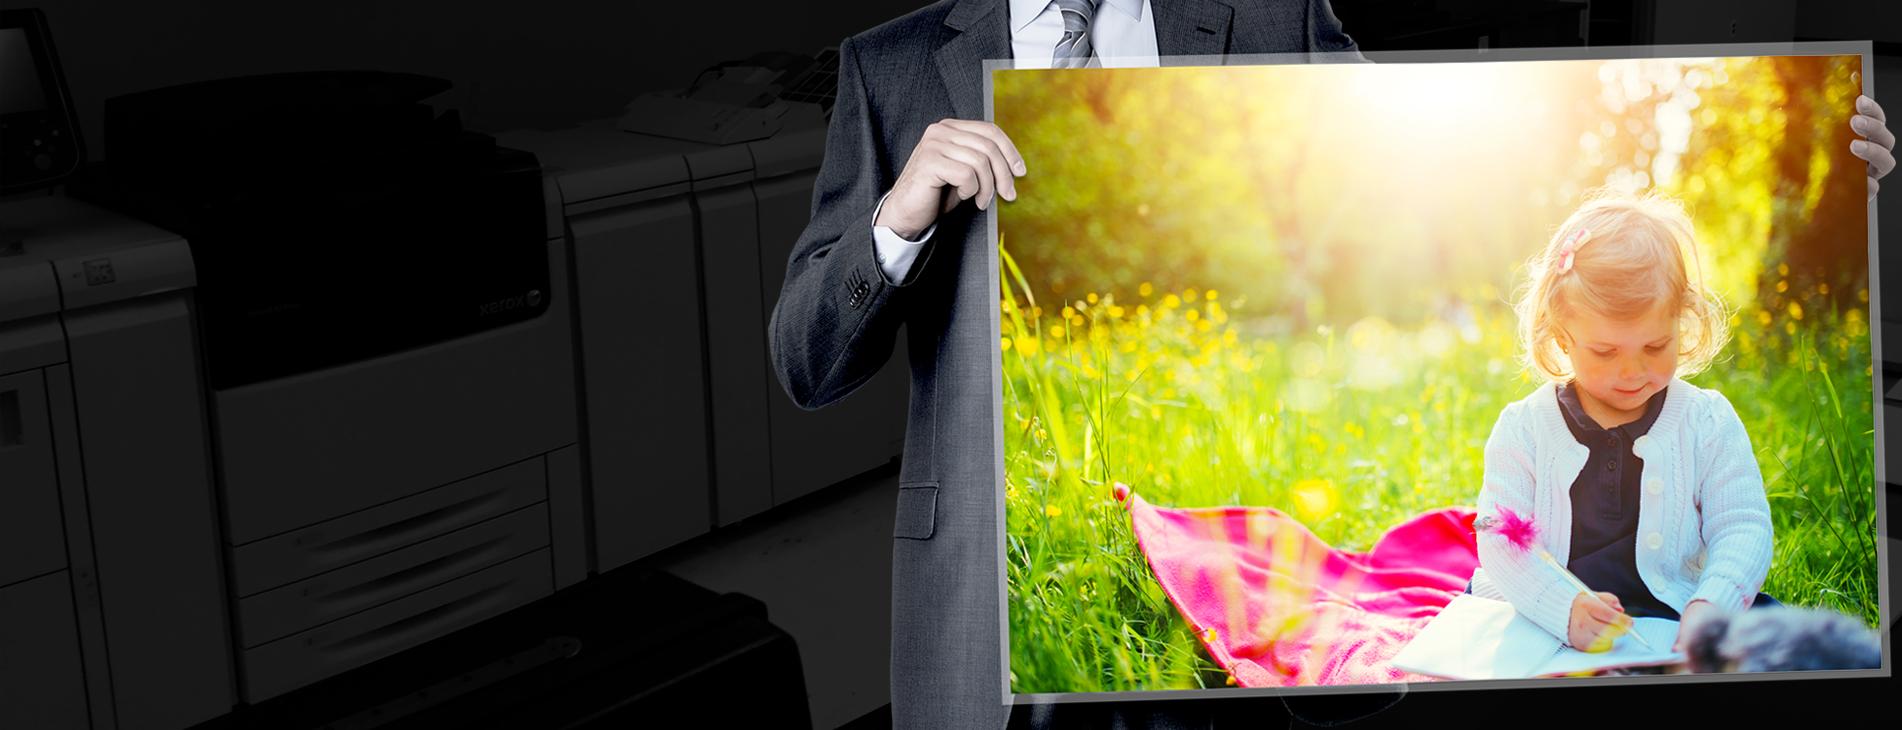 Digital Images Go Large